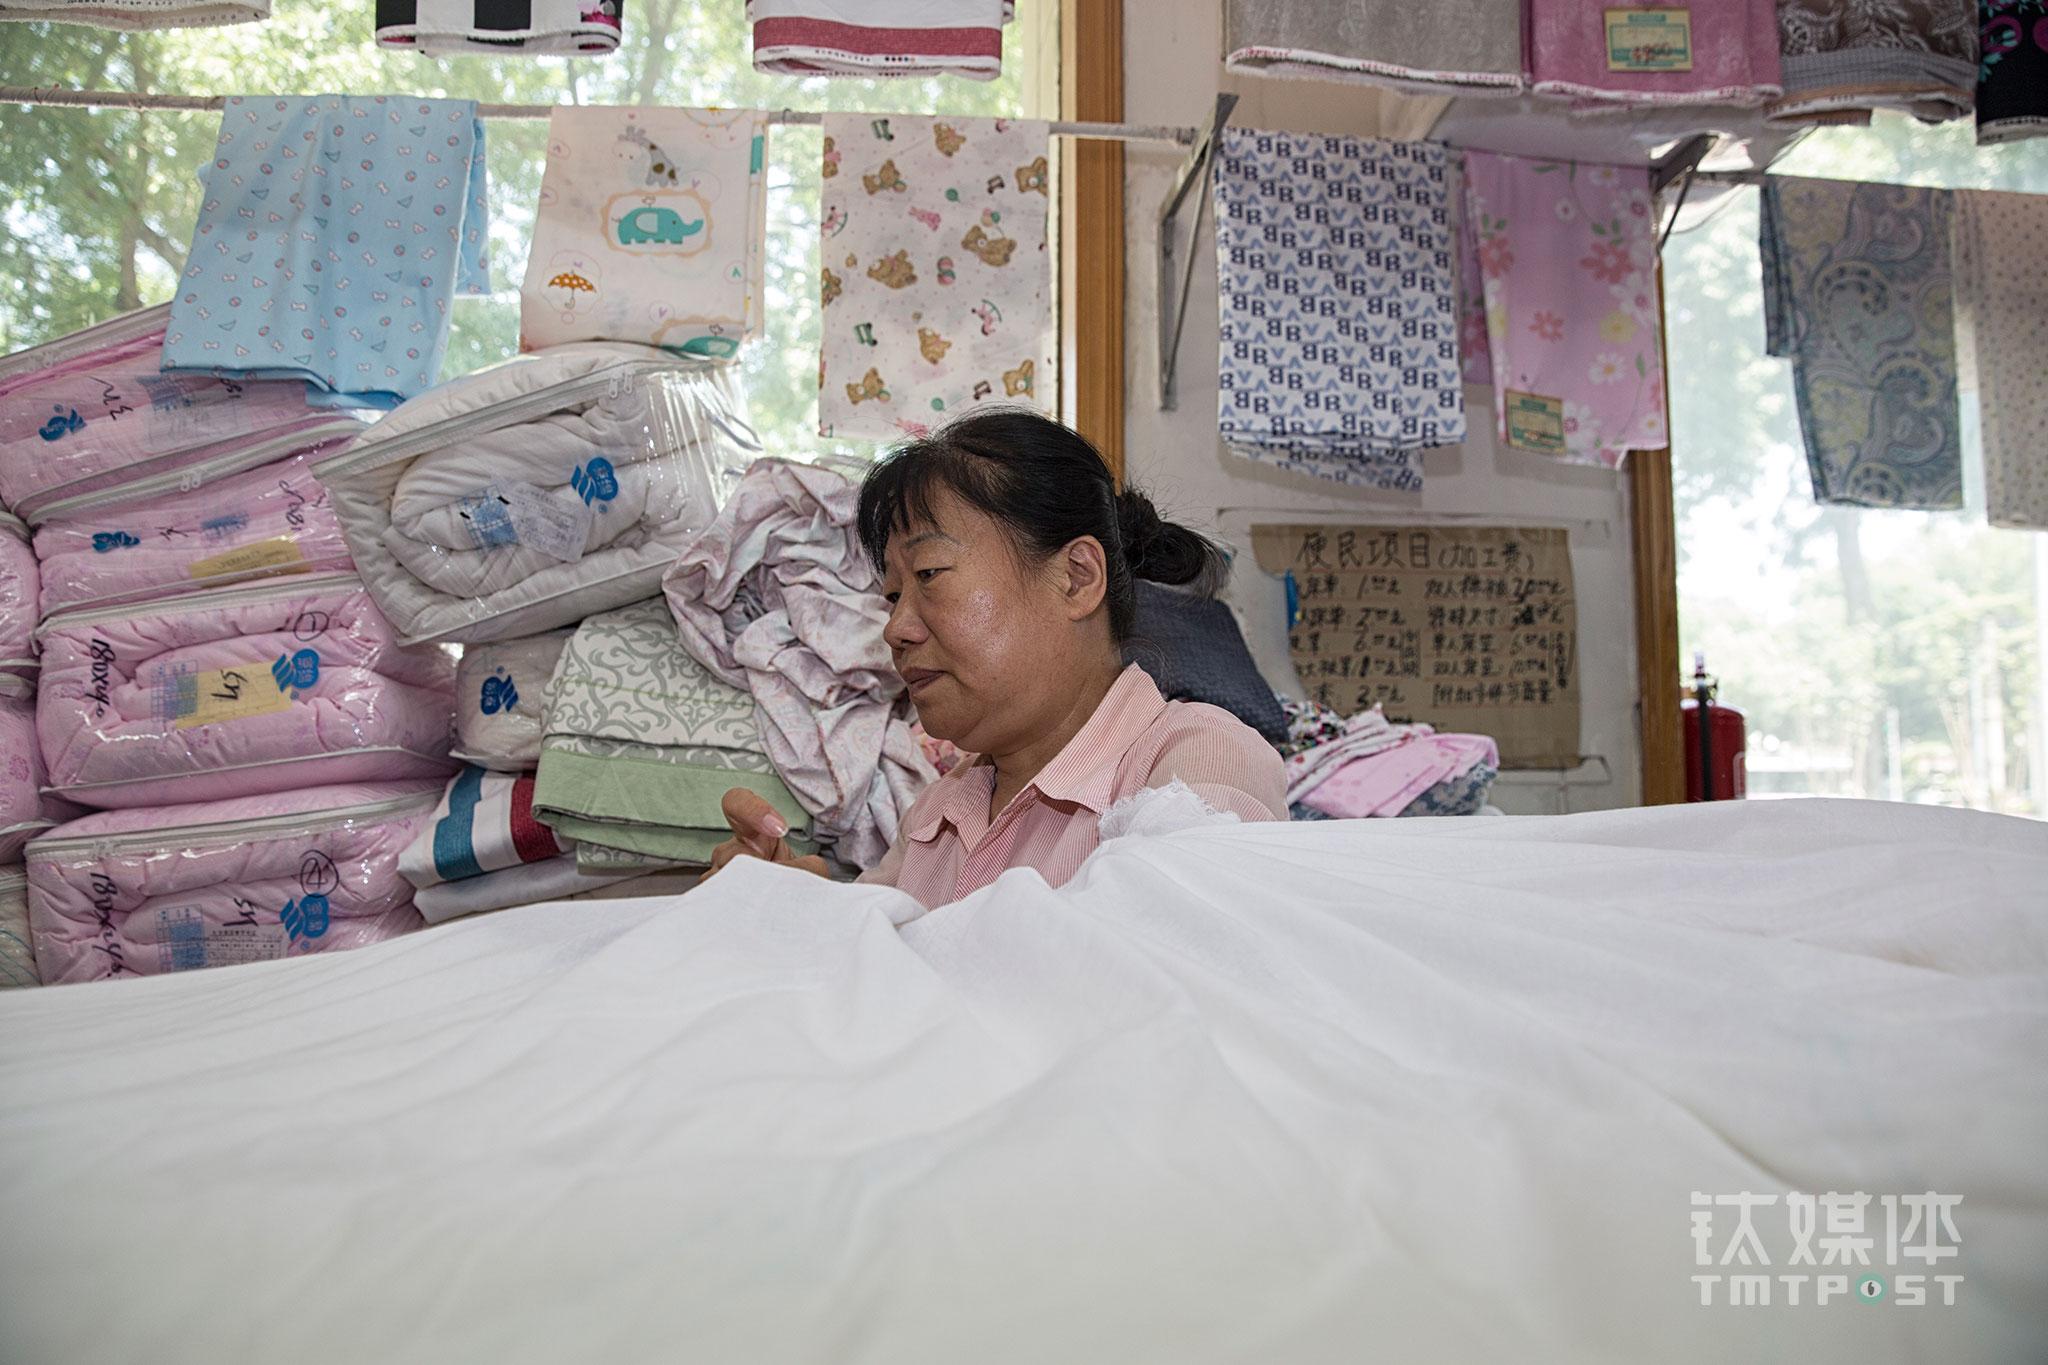 """刘惠荣是77届的知青,曾插队两年,她在大方工作超过30年了。去参加老同学聚会,当年的知青们,现在有的身居高位,有的生意有成,曾经的班长刘惠荣则在一个普通的位置上一做做了30多年。""""老班长,您还干着当年的活呢?""""每当老同学问起她,她会觉得很满足,""""心里踏实,没什么心理压力,很平静""""。刘惠荣今年60岁,对于大方的未来,她说自己没有特别去想过,只能顺其自然。不上班的时候,他喜欢和家人出去游玩,去跳舞,""""主要是别给孩子增加负担,把身体练好一点""""。"""